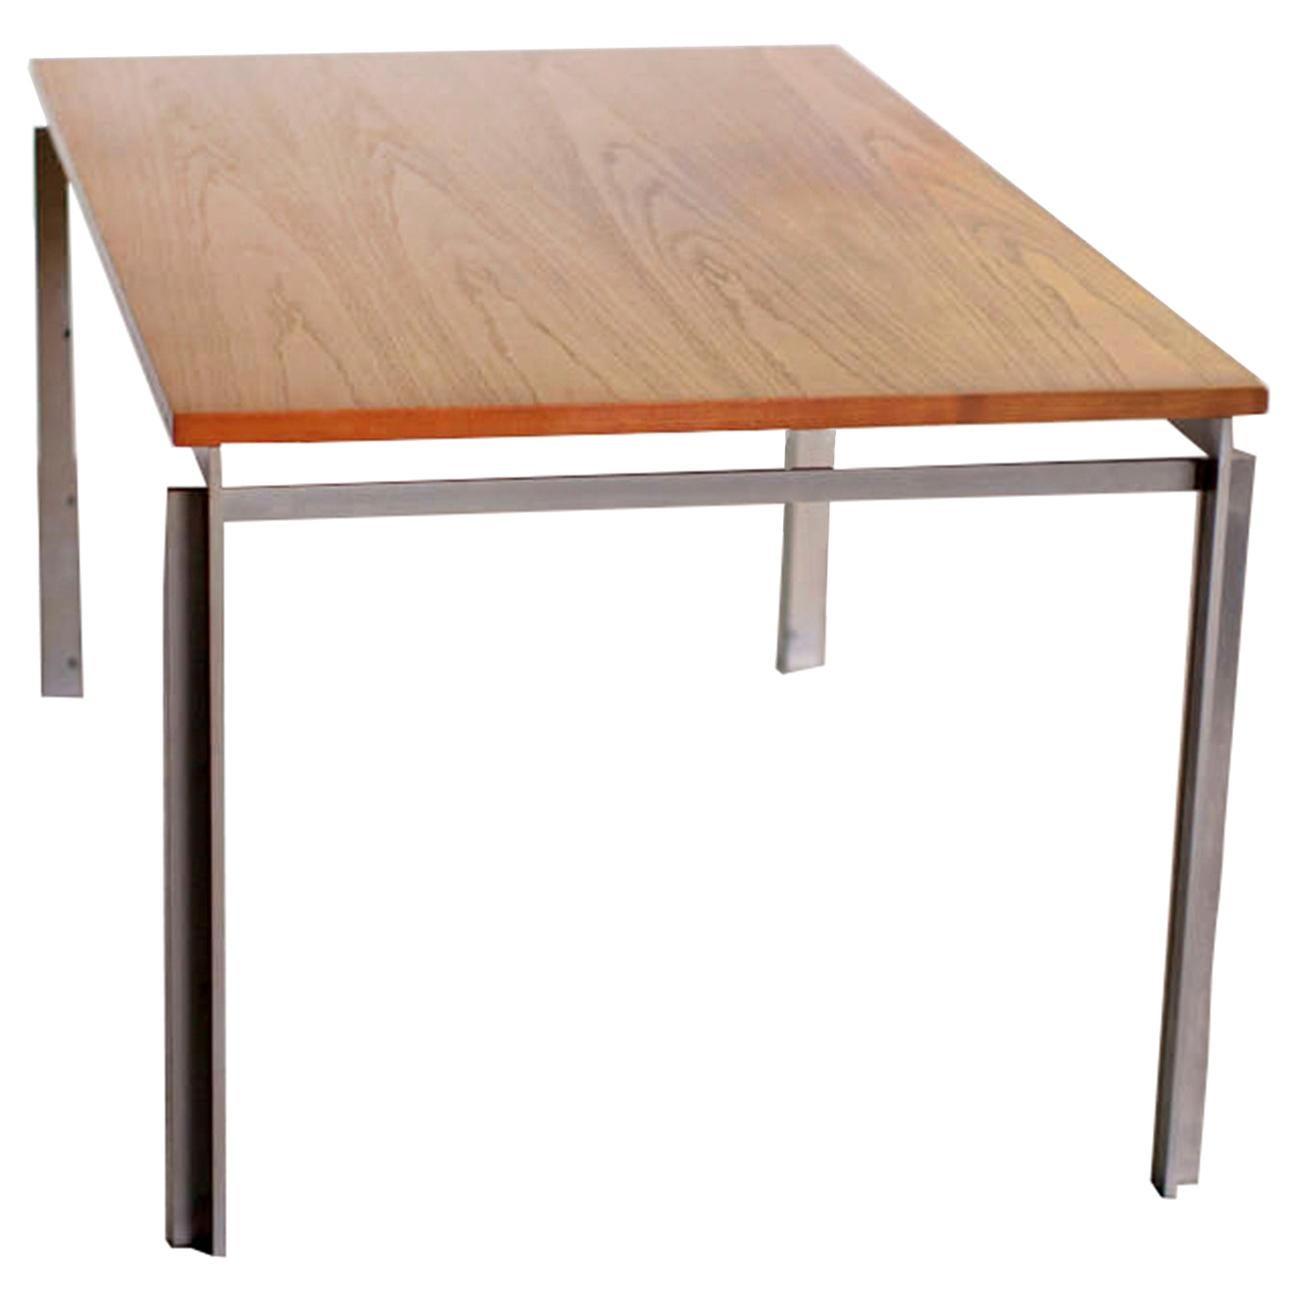 Poul Kjærholm PK 53 Work / Dining Table-Desk Danish 1950s by E. Kold Christensen